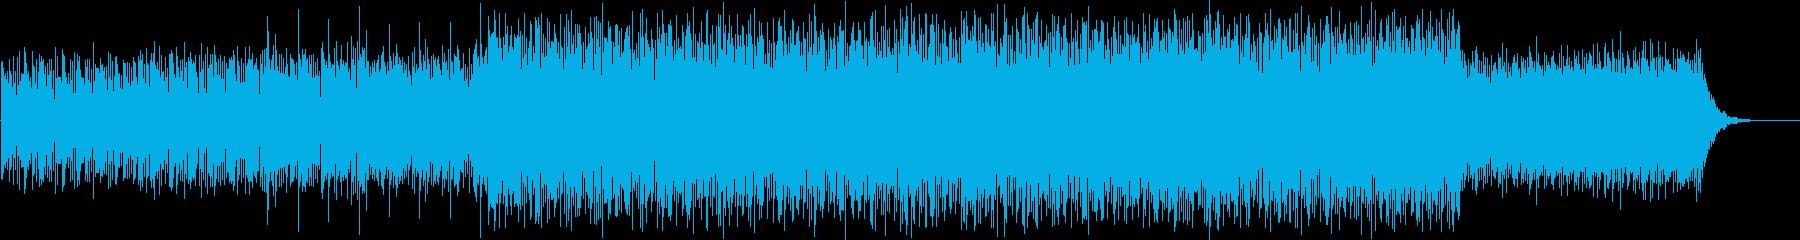 機械的なテクスチャーの再生済みの波形